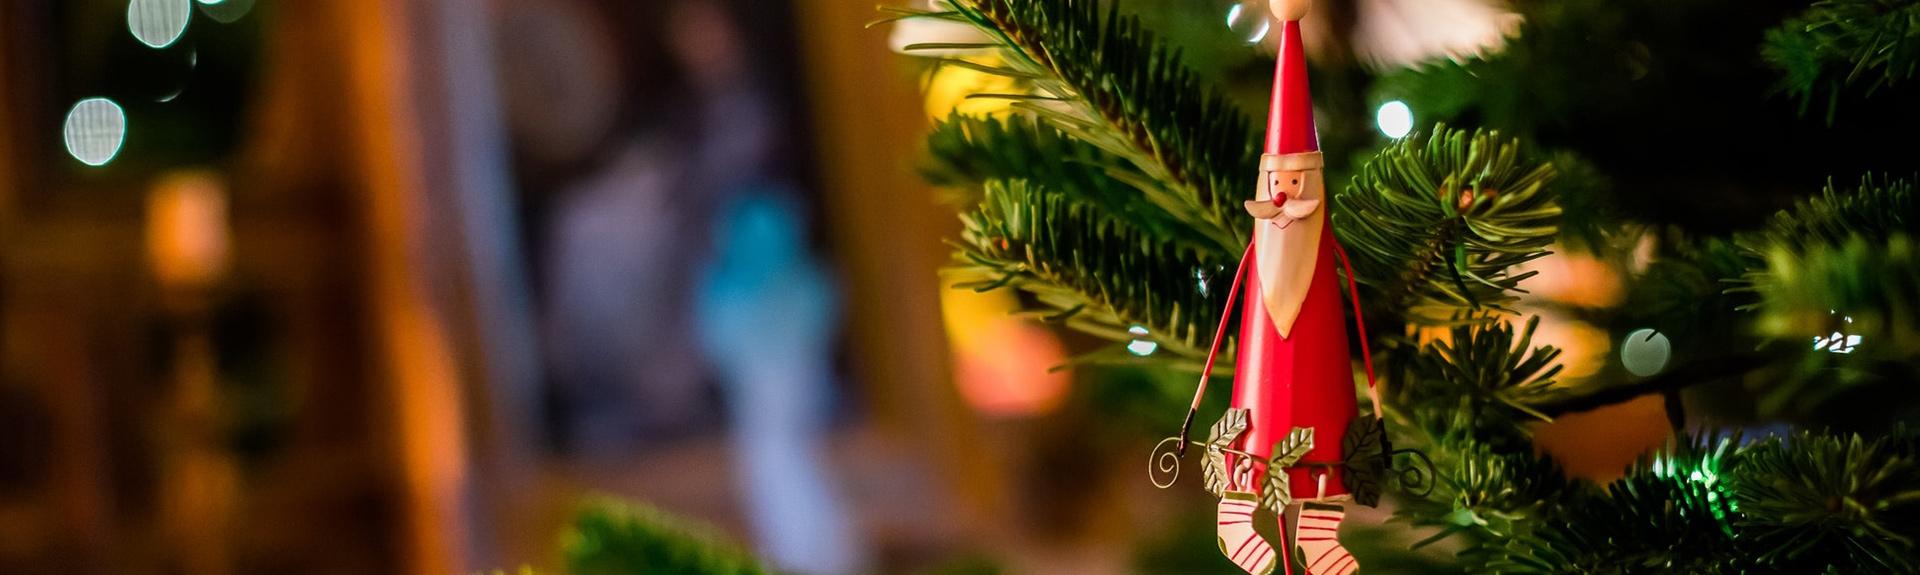 Boże Narodzenie 2019 Najlepsze Oferty E Turystapl